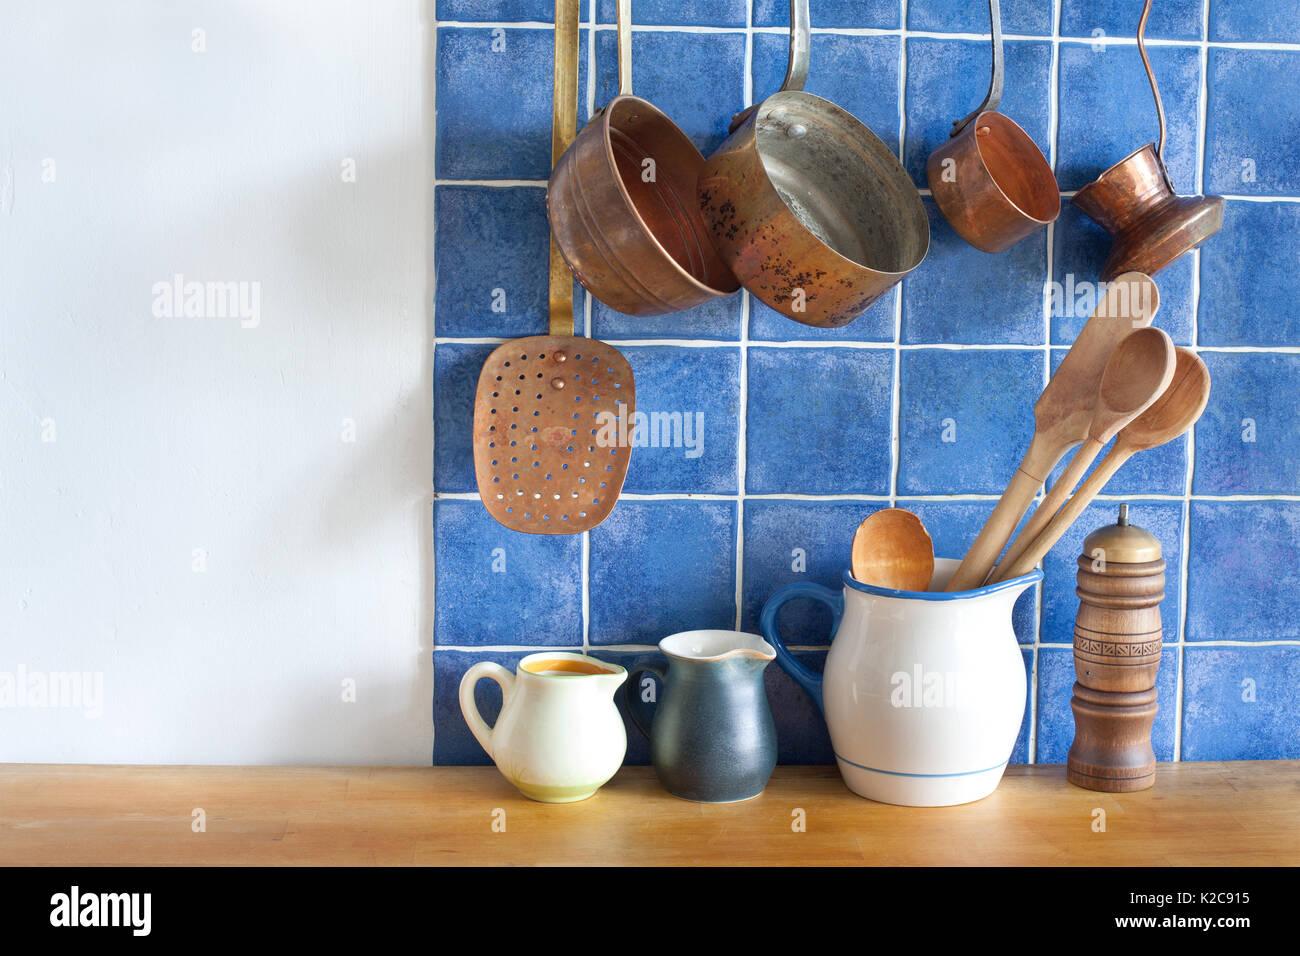 cuisine intérieur design rétro avec accessoires. ustensiles de